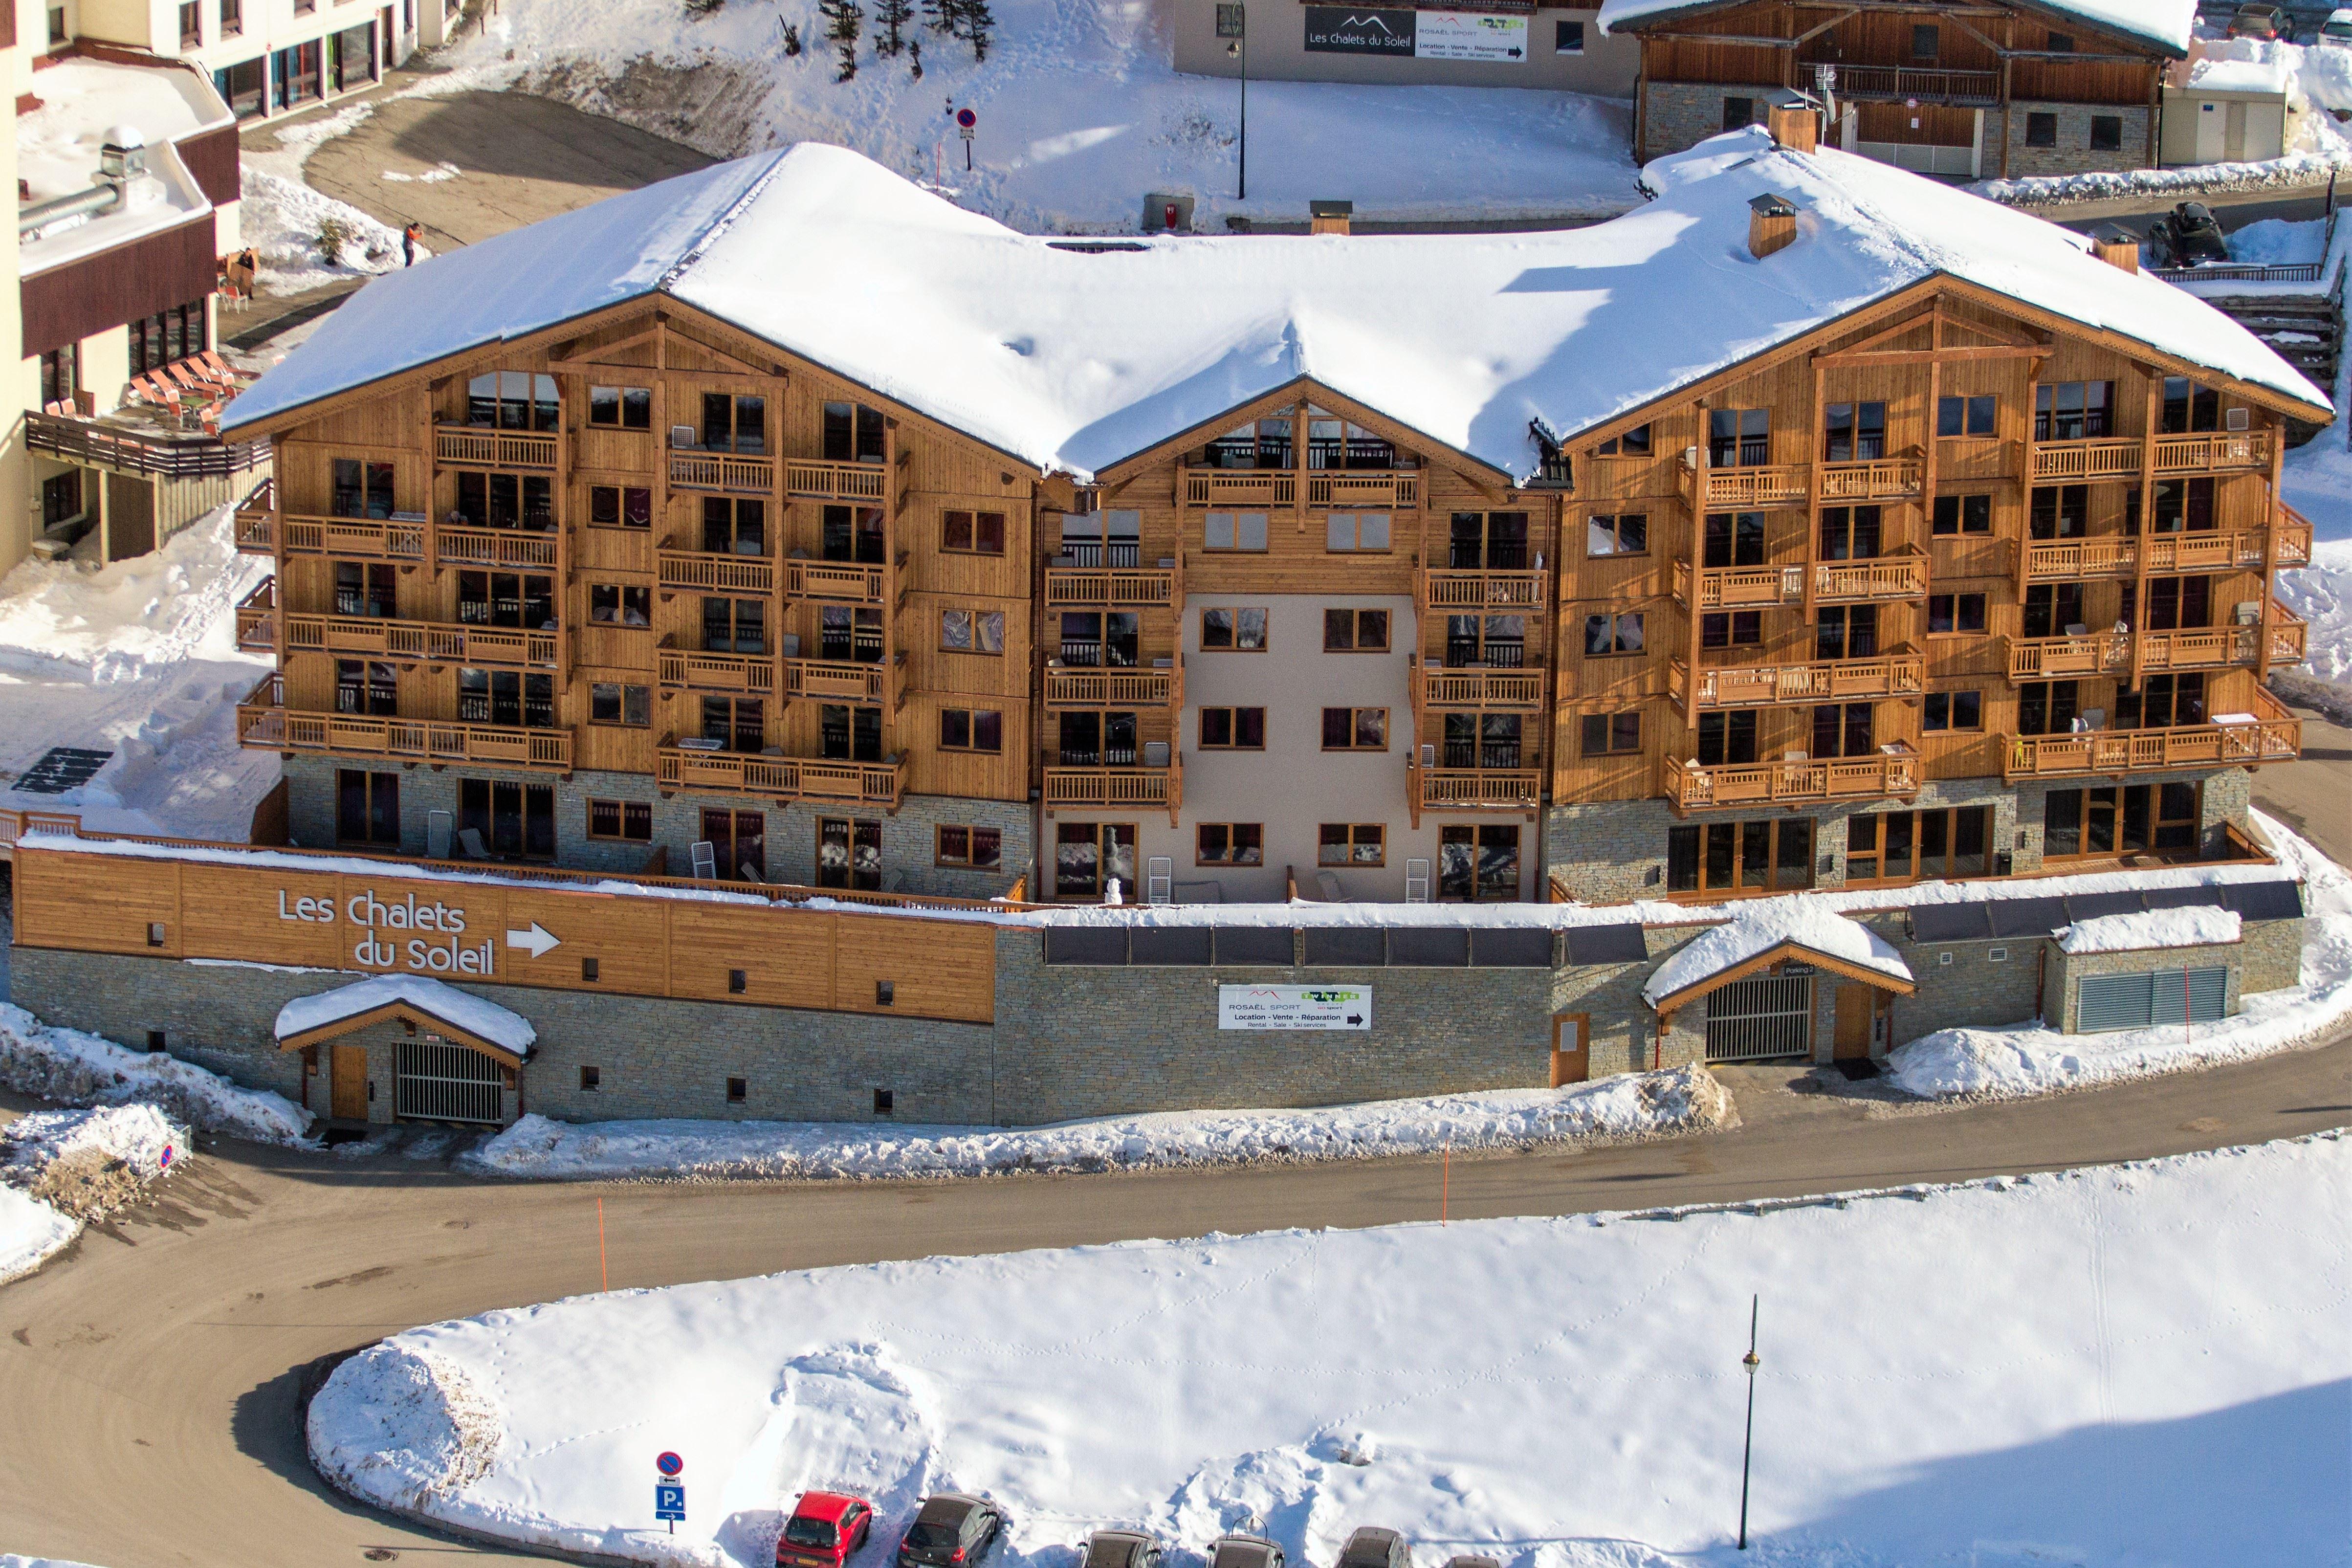 Résidence skis aux pieds / LES CHALETS DU SOLEIL CONTEMPORAINS NATALIA (3,5 Flocons Or)